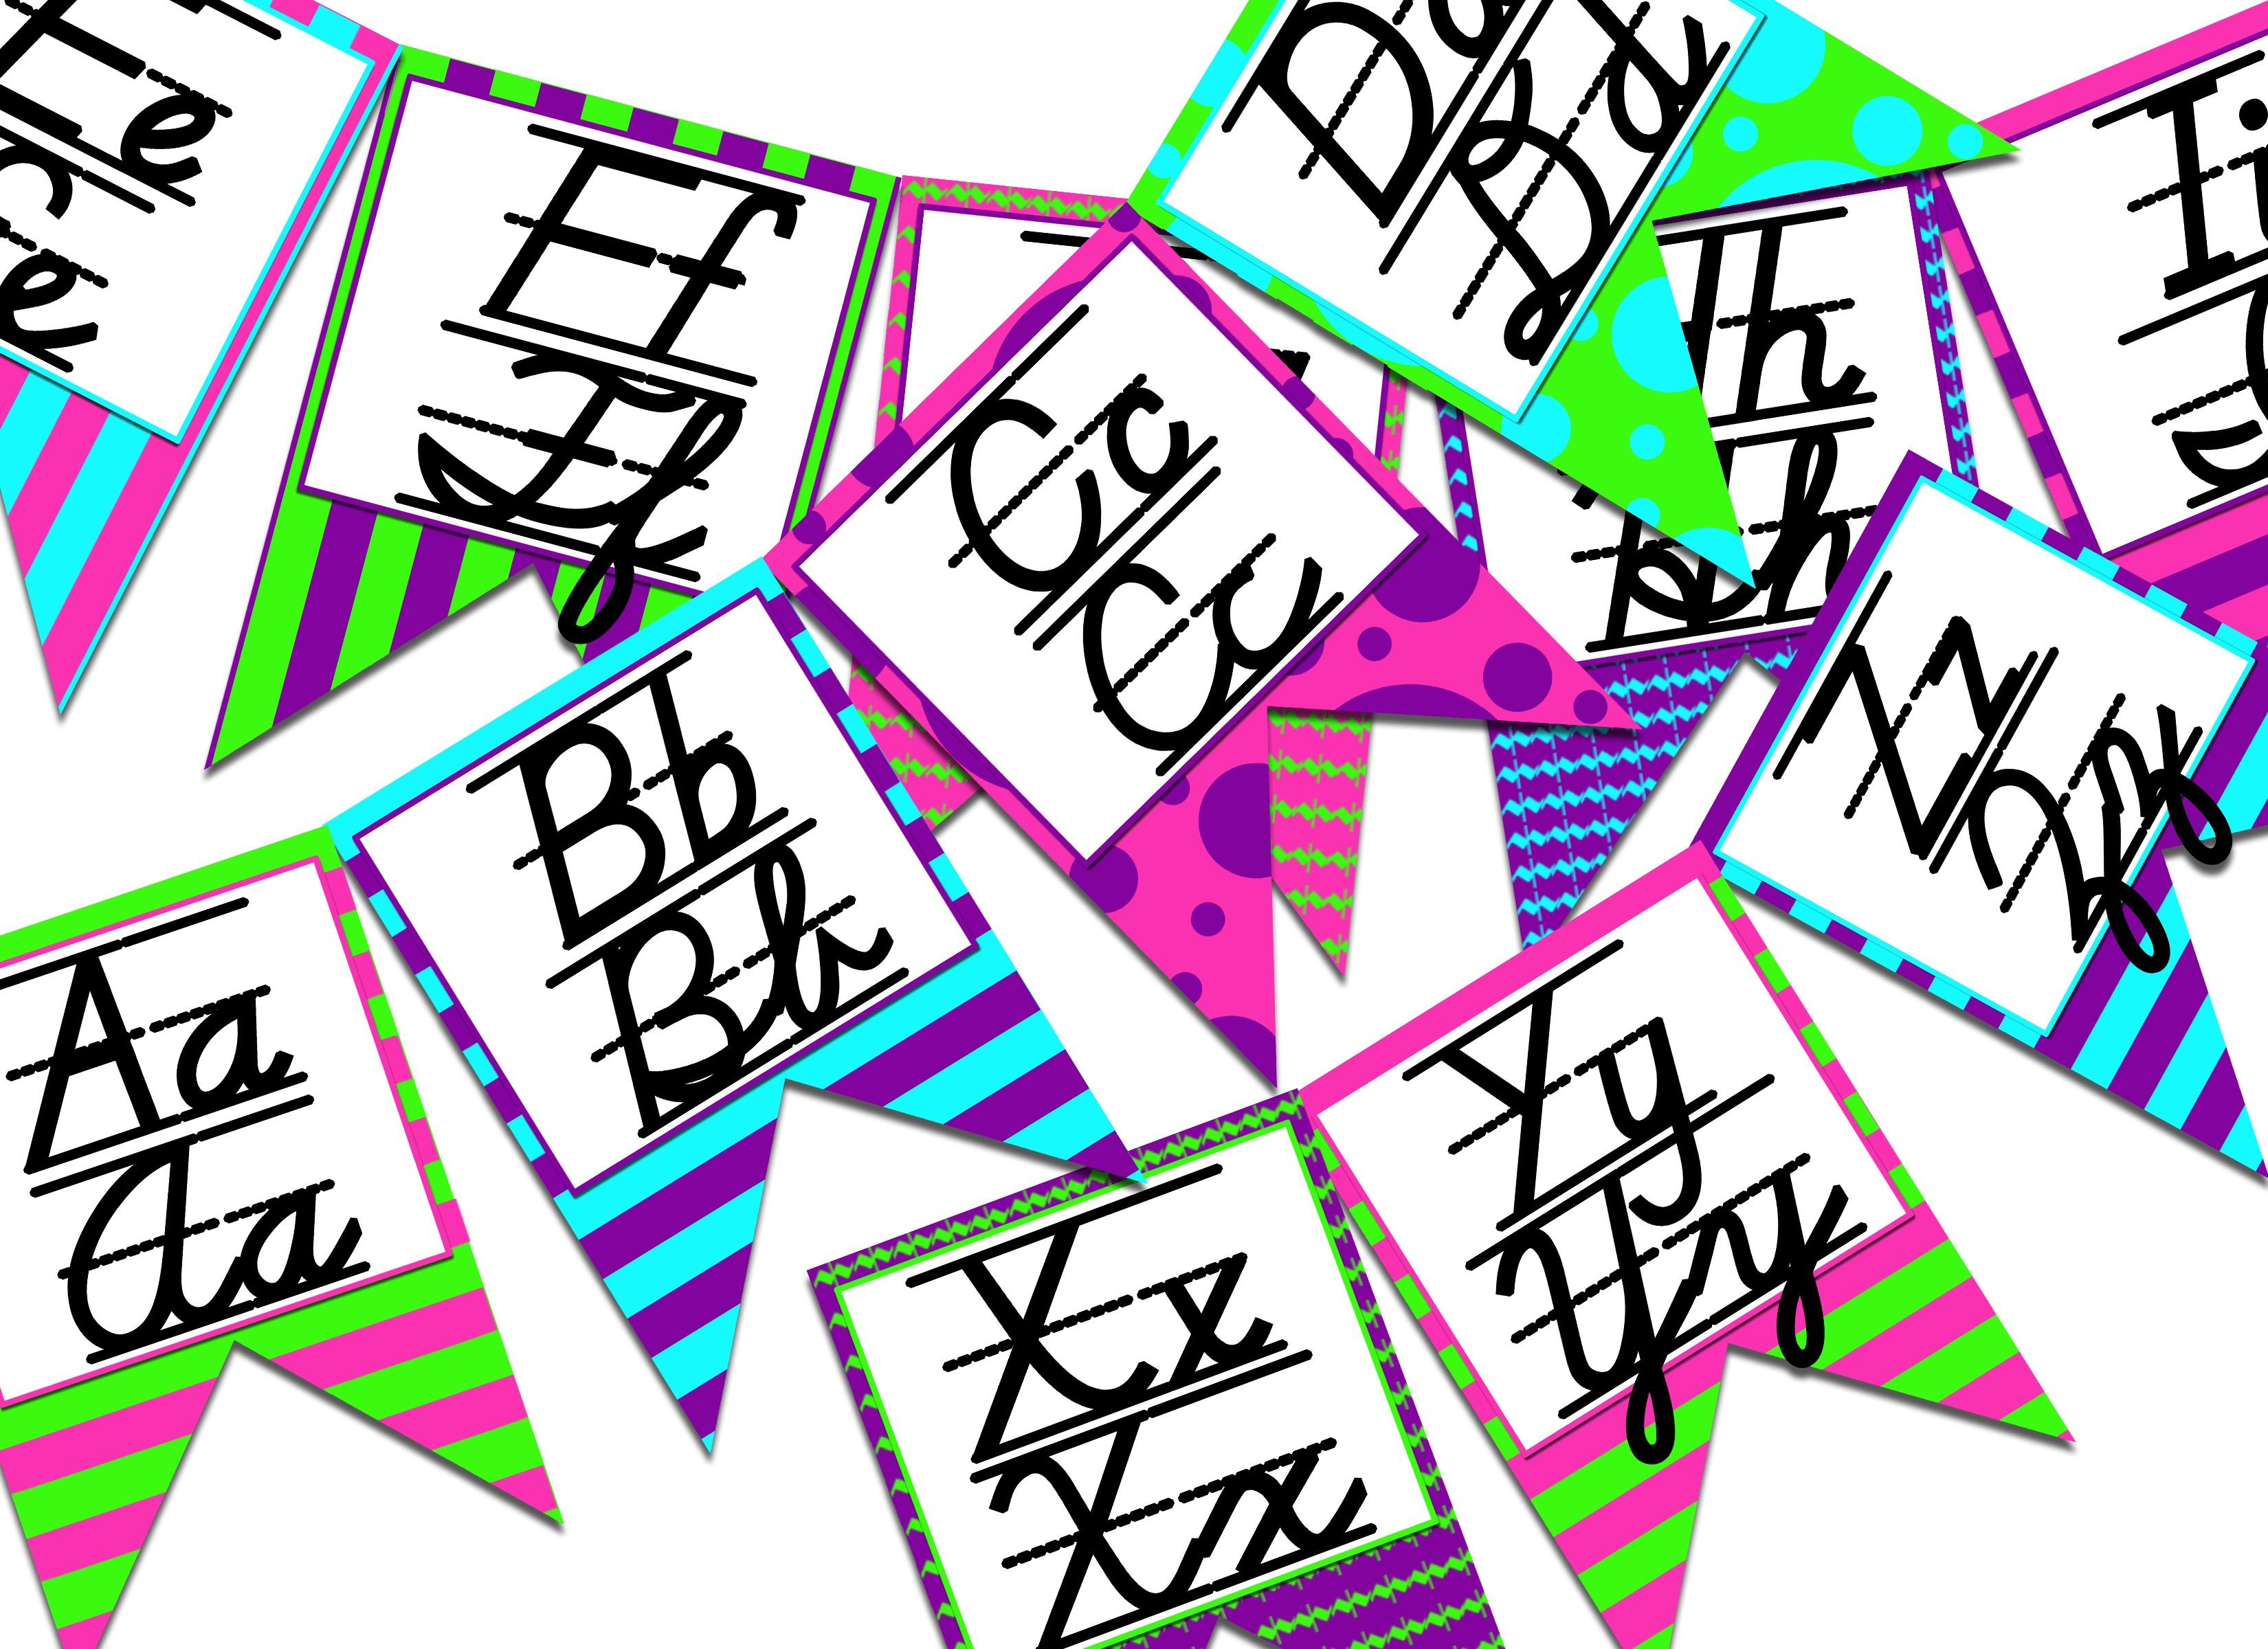 Fresh Printable Bulletin Board Letters   Www.pantry-Magic - Free Printable Bulletin Board Letters